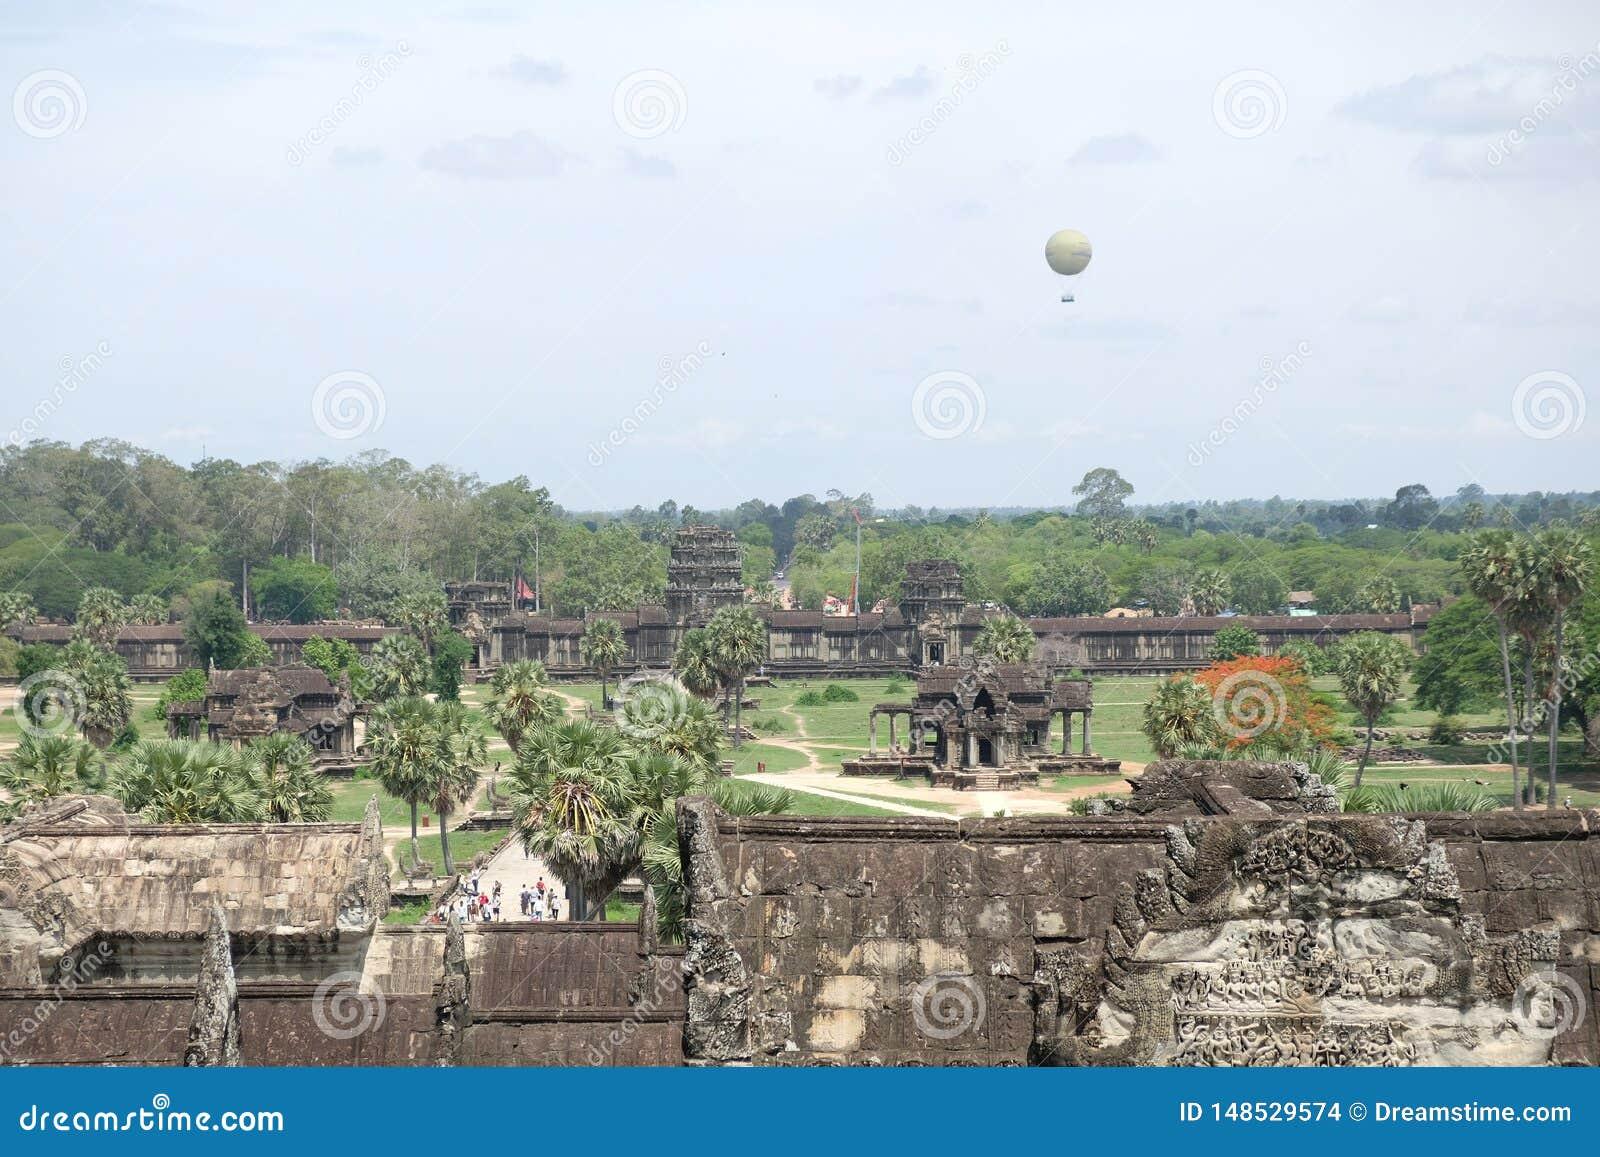 La vista de Angkor Wat, Angkor, Camboya